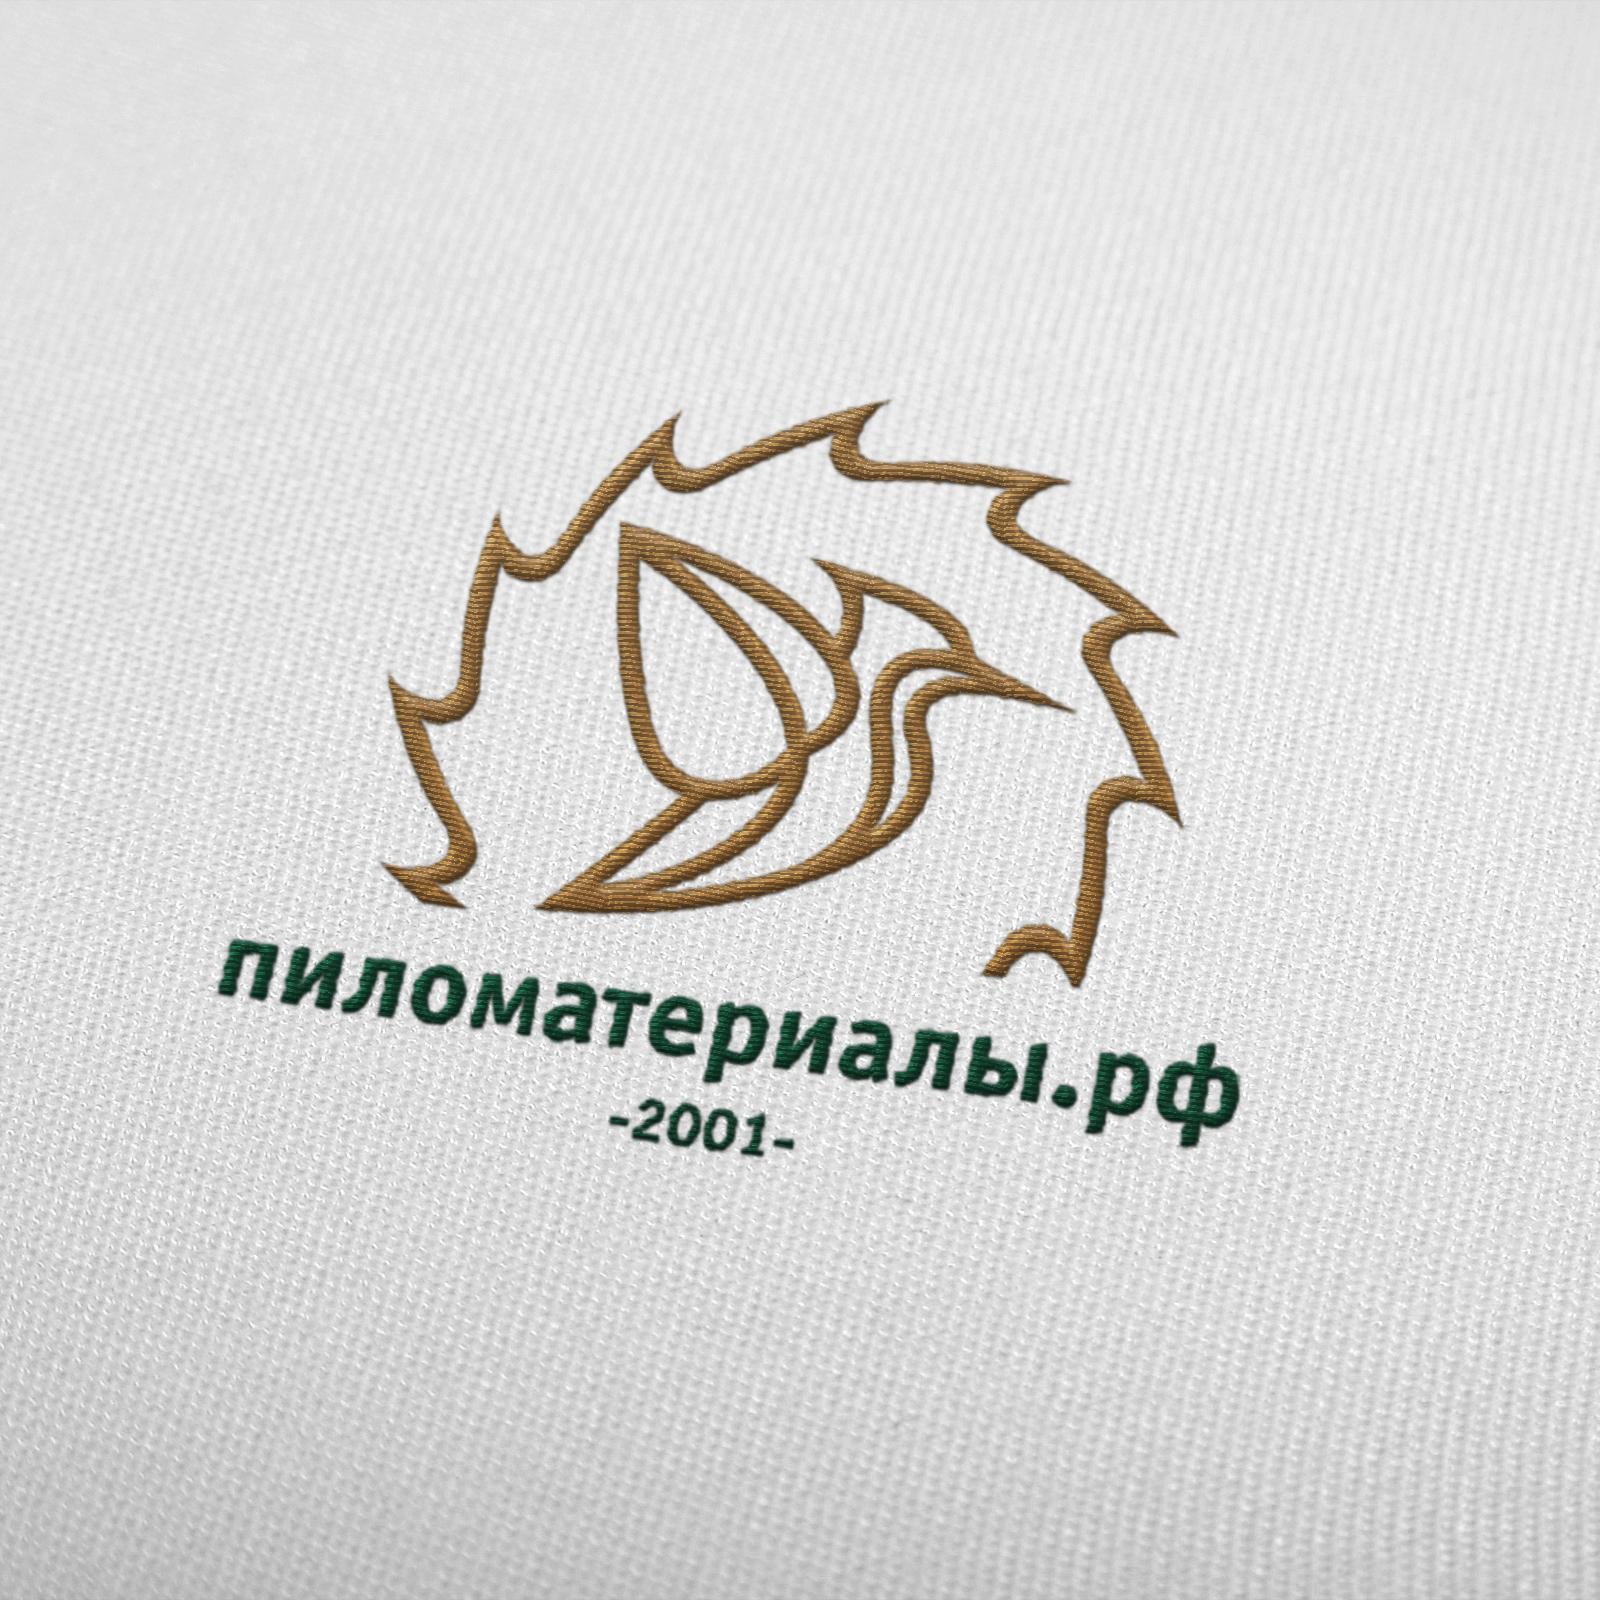 """Создание логотипа и фирменного стиля """"Пиломатериалы.РФ"""" фото f_25052fea34bddf98.jpg"""